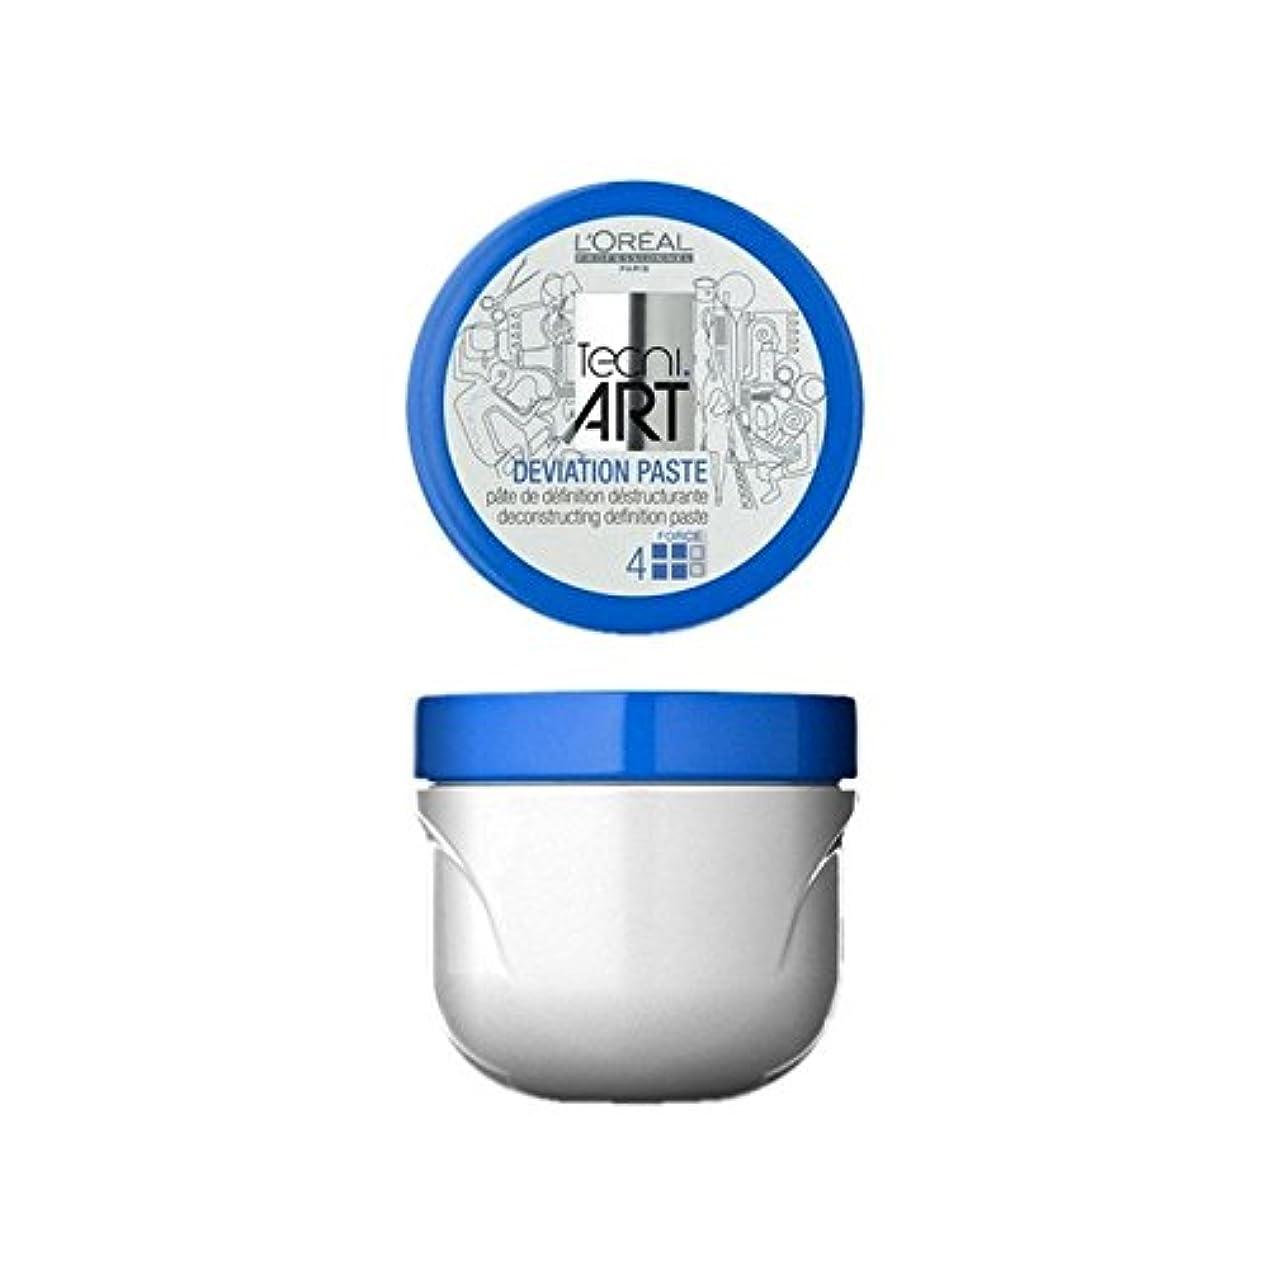 ヒョウ検査官あさりロレアルプロフェッショナル技術偏差ペースト(100)に x4 - L'Oreal Professionnel Tecni Art Deviation Paste (100ml) (Pack of 4) [並行輸入品]